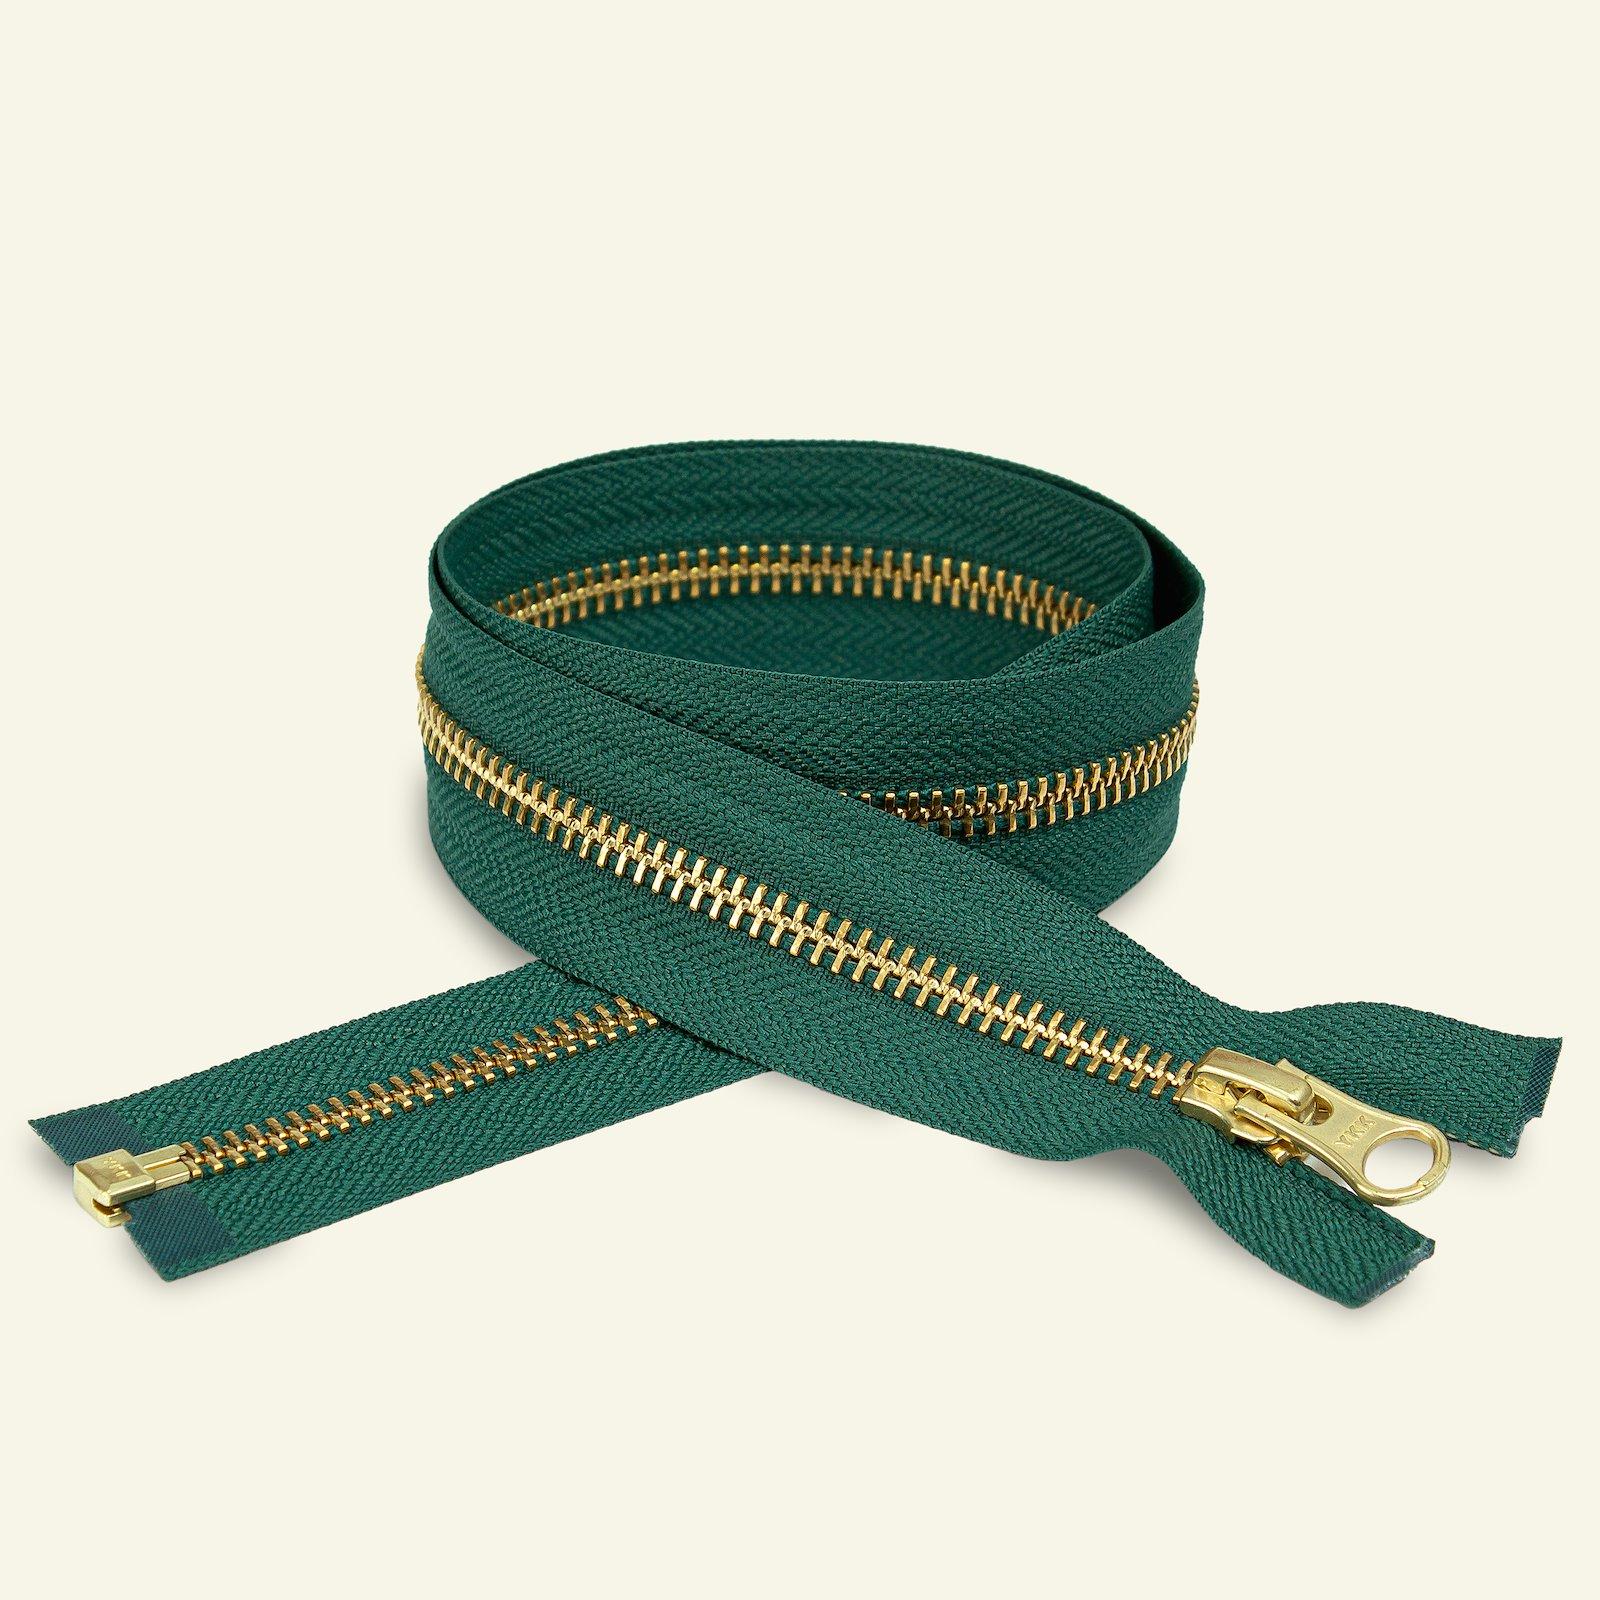 YYKK zip 6mm open end 70cm green/gold x59427_pack